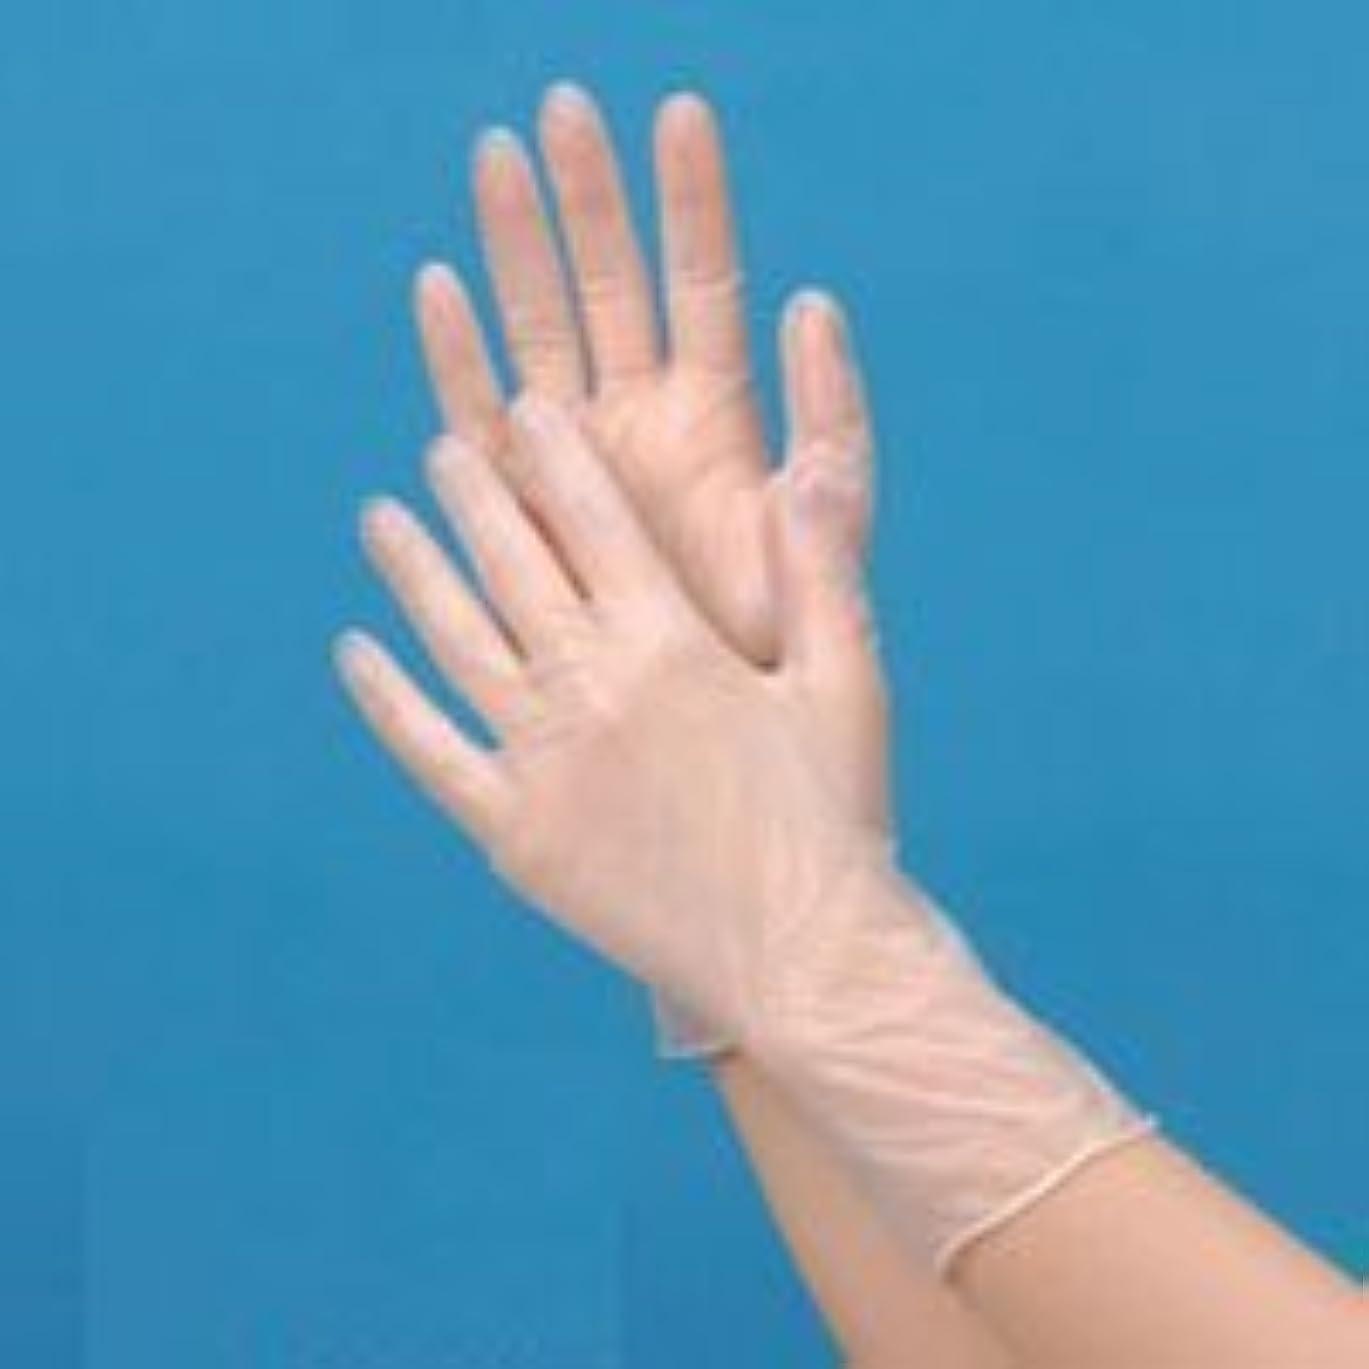 世論調査パネル世論調査プラスチック手袋ハイクリーン(パウダーフリー)S 100枚【食品対応】